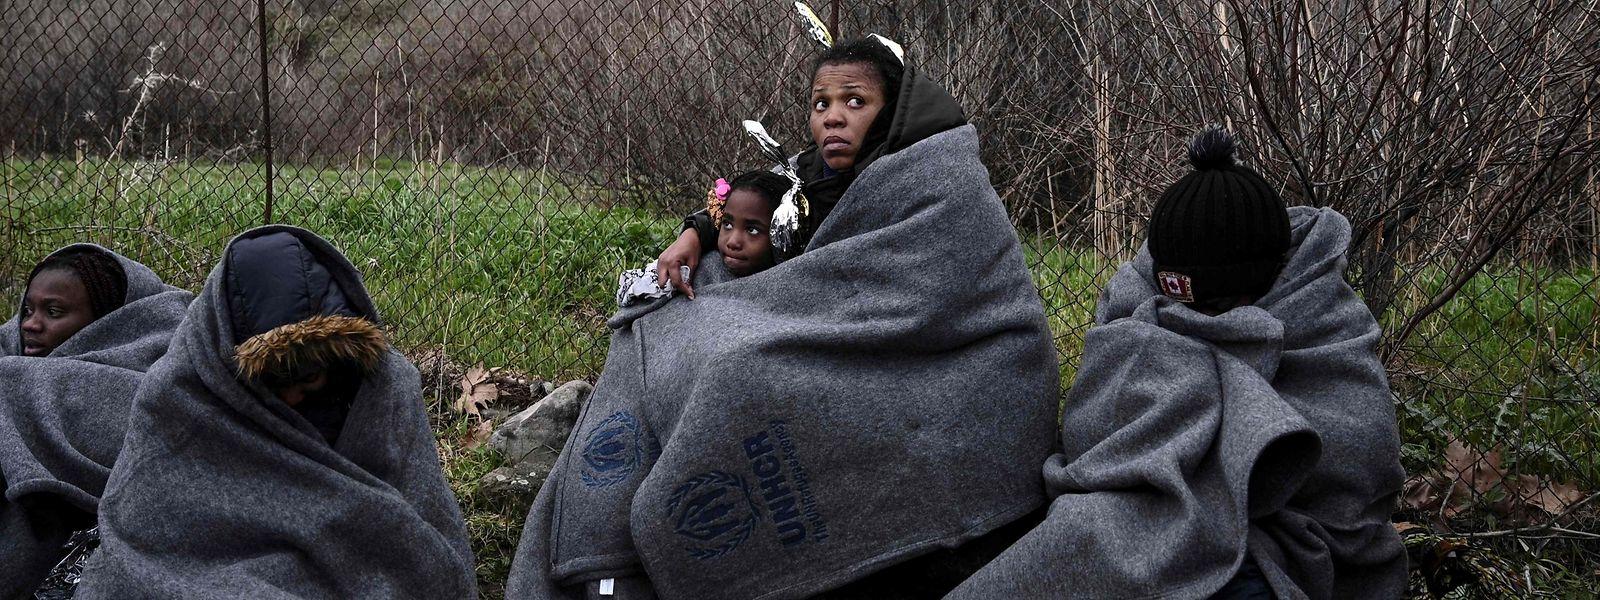 Flüchtlinge aus Gambia auf der griechischen Insel Lesbos.